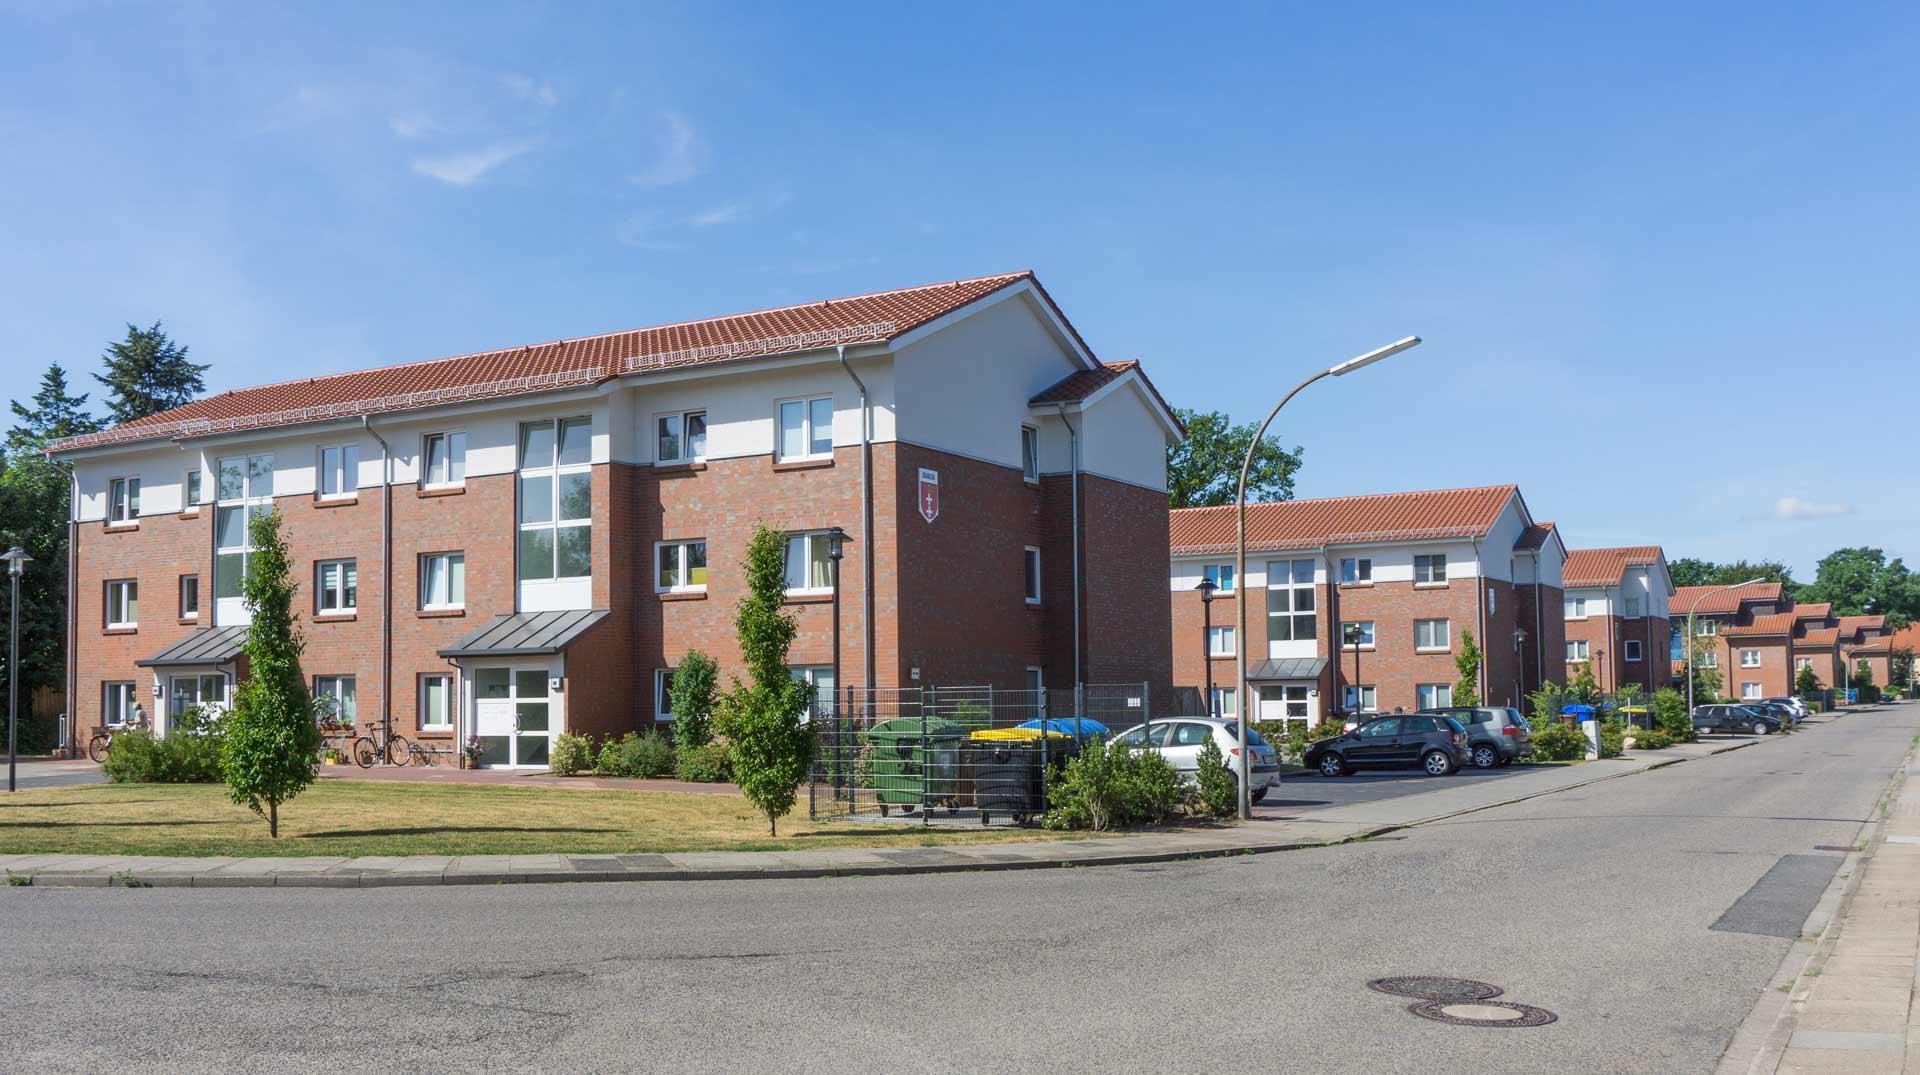 Bauingenieure Kaltenkirchen Schleswig-Holstein